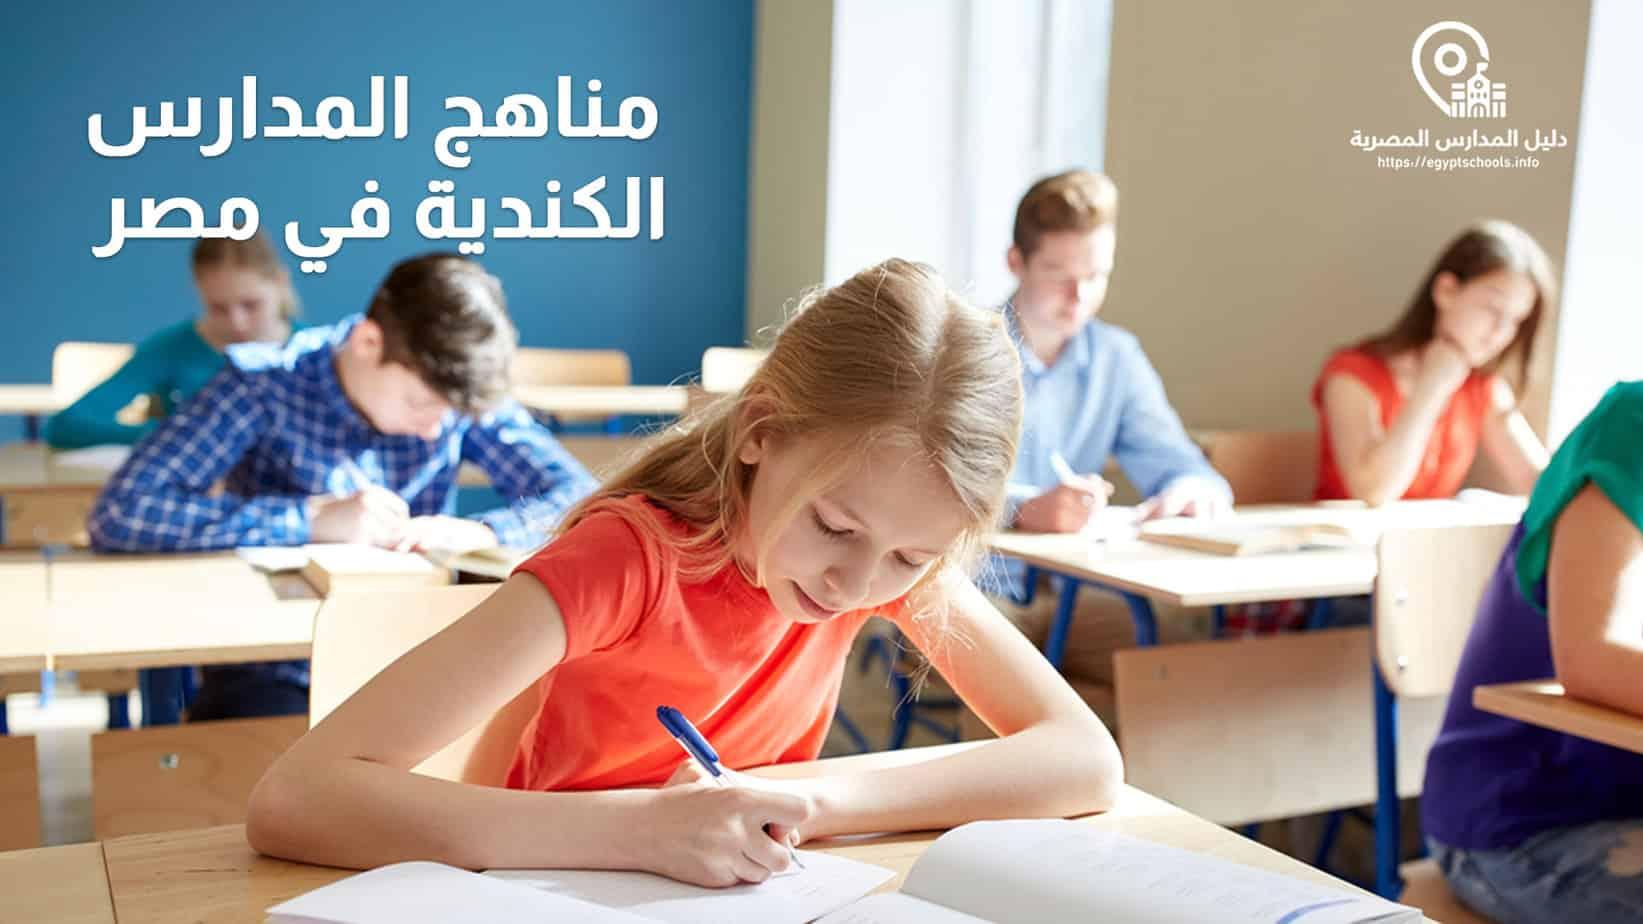 مناهج المدارس الكندية في مصر